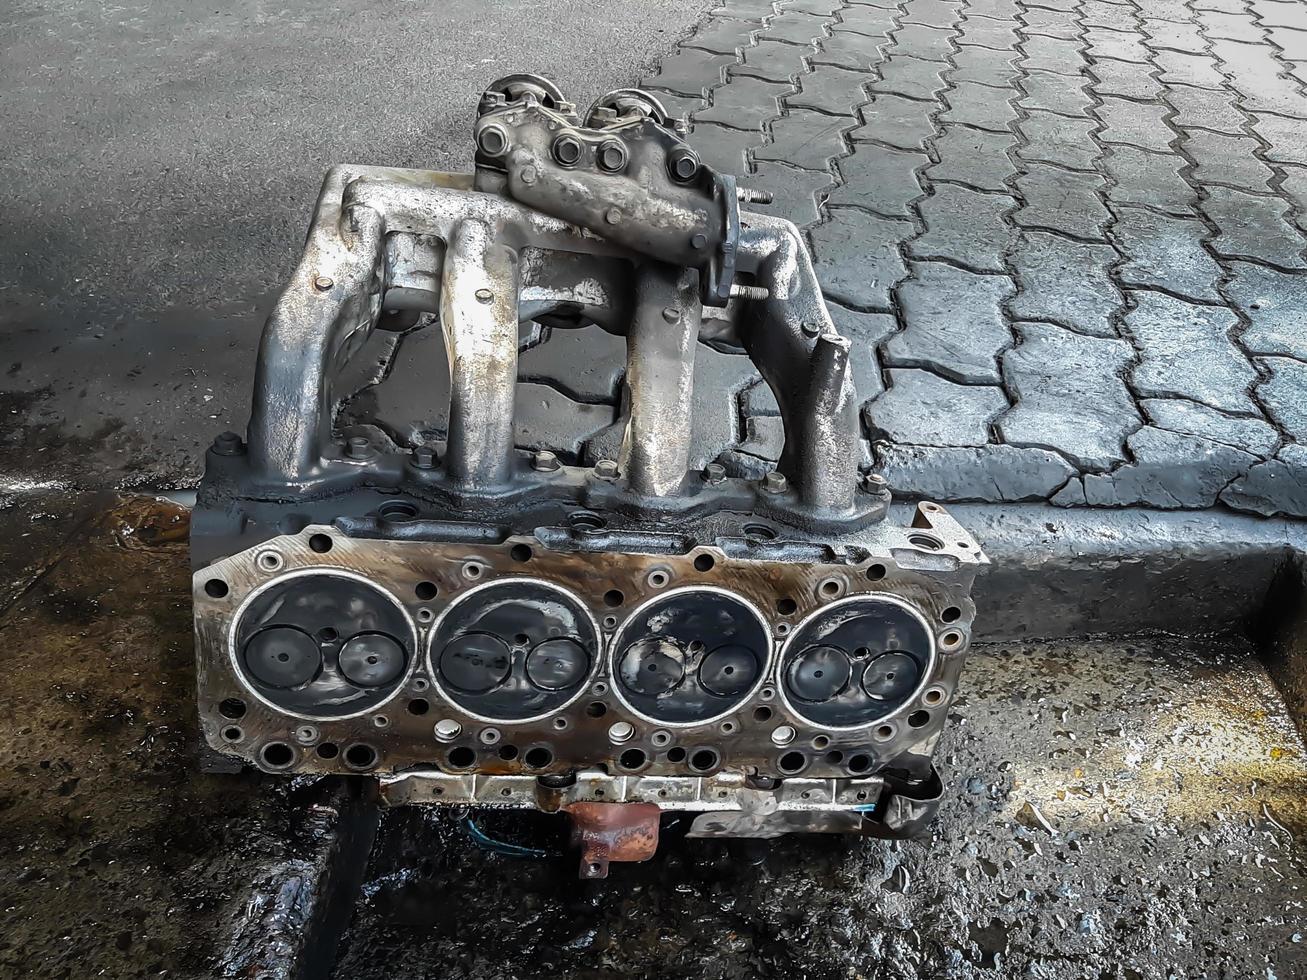 il blocco cilindri del motore a quattro cilindri. autoveicolo smontato per la riparazione. foto